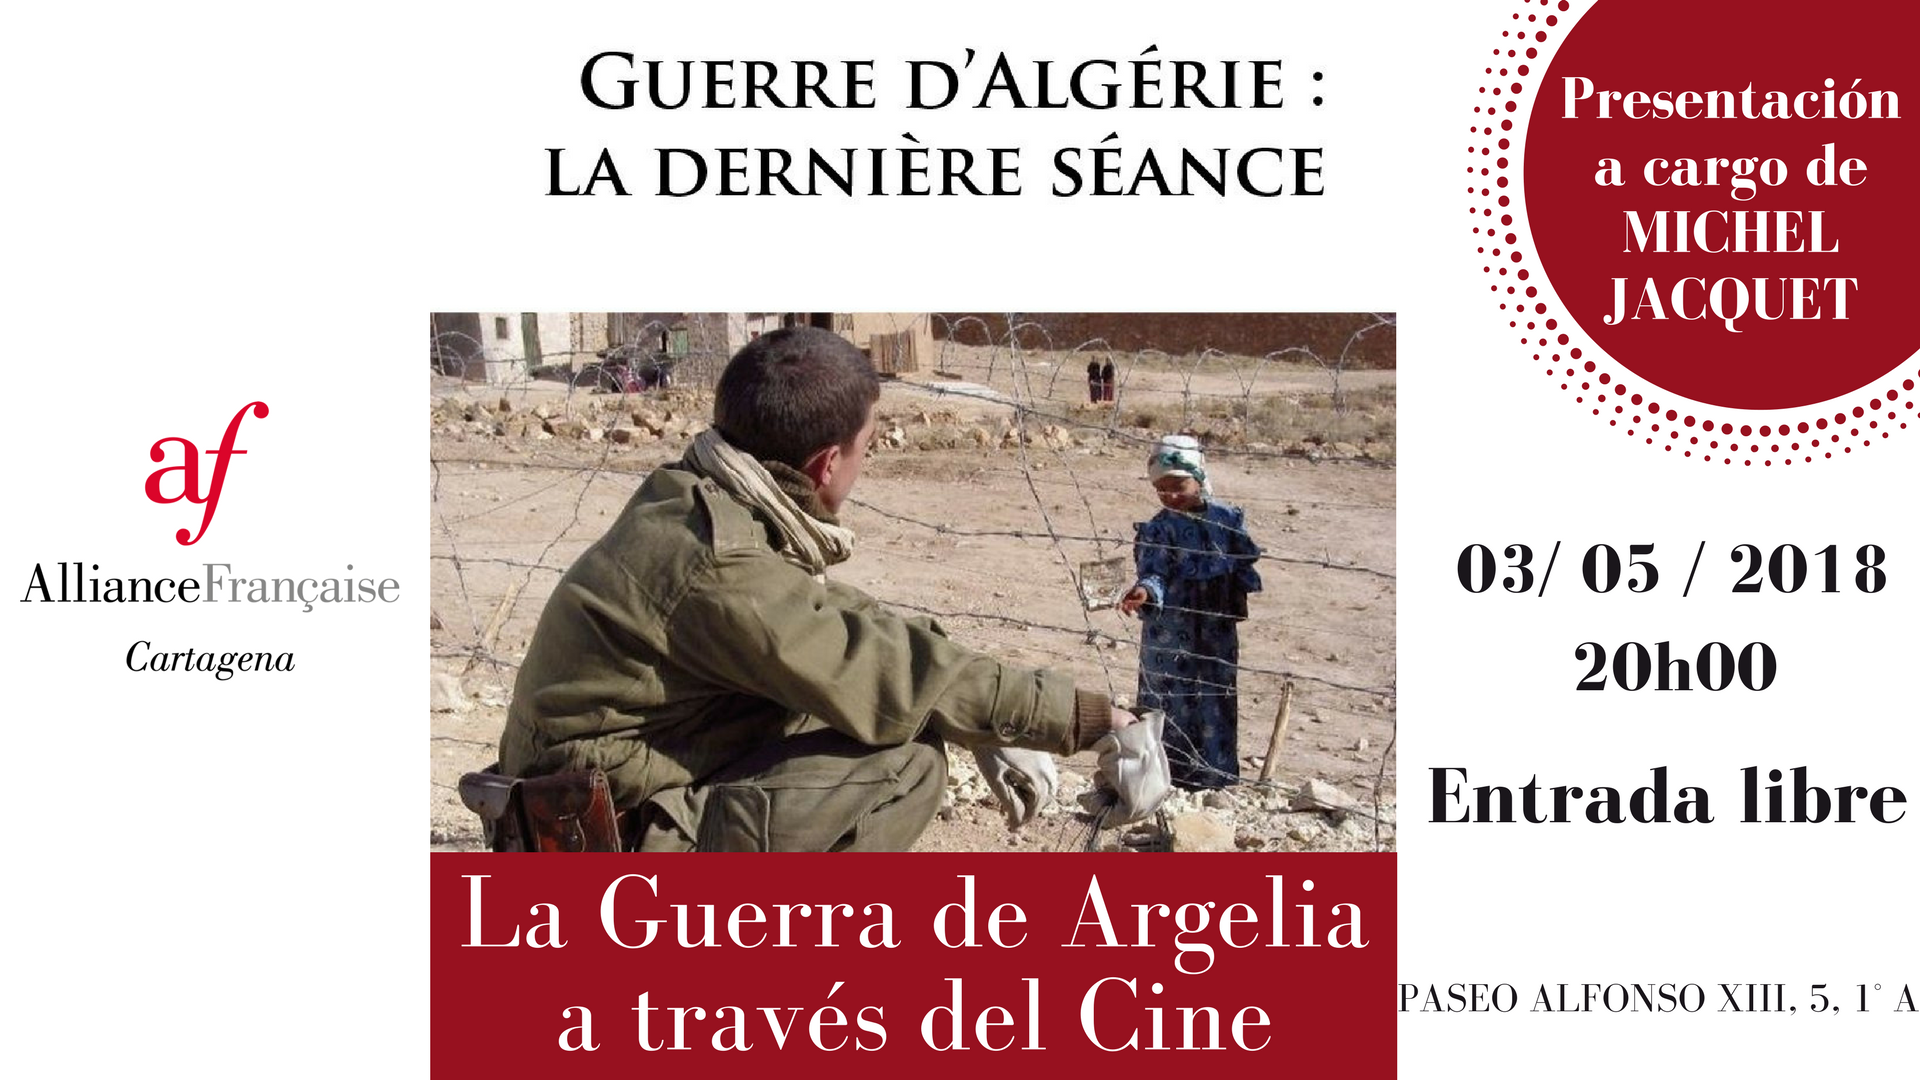 Conferencia Guerre d'Algérie: la dernière séance 6